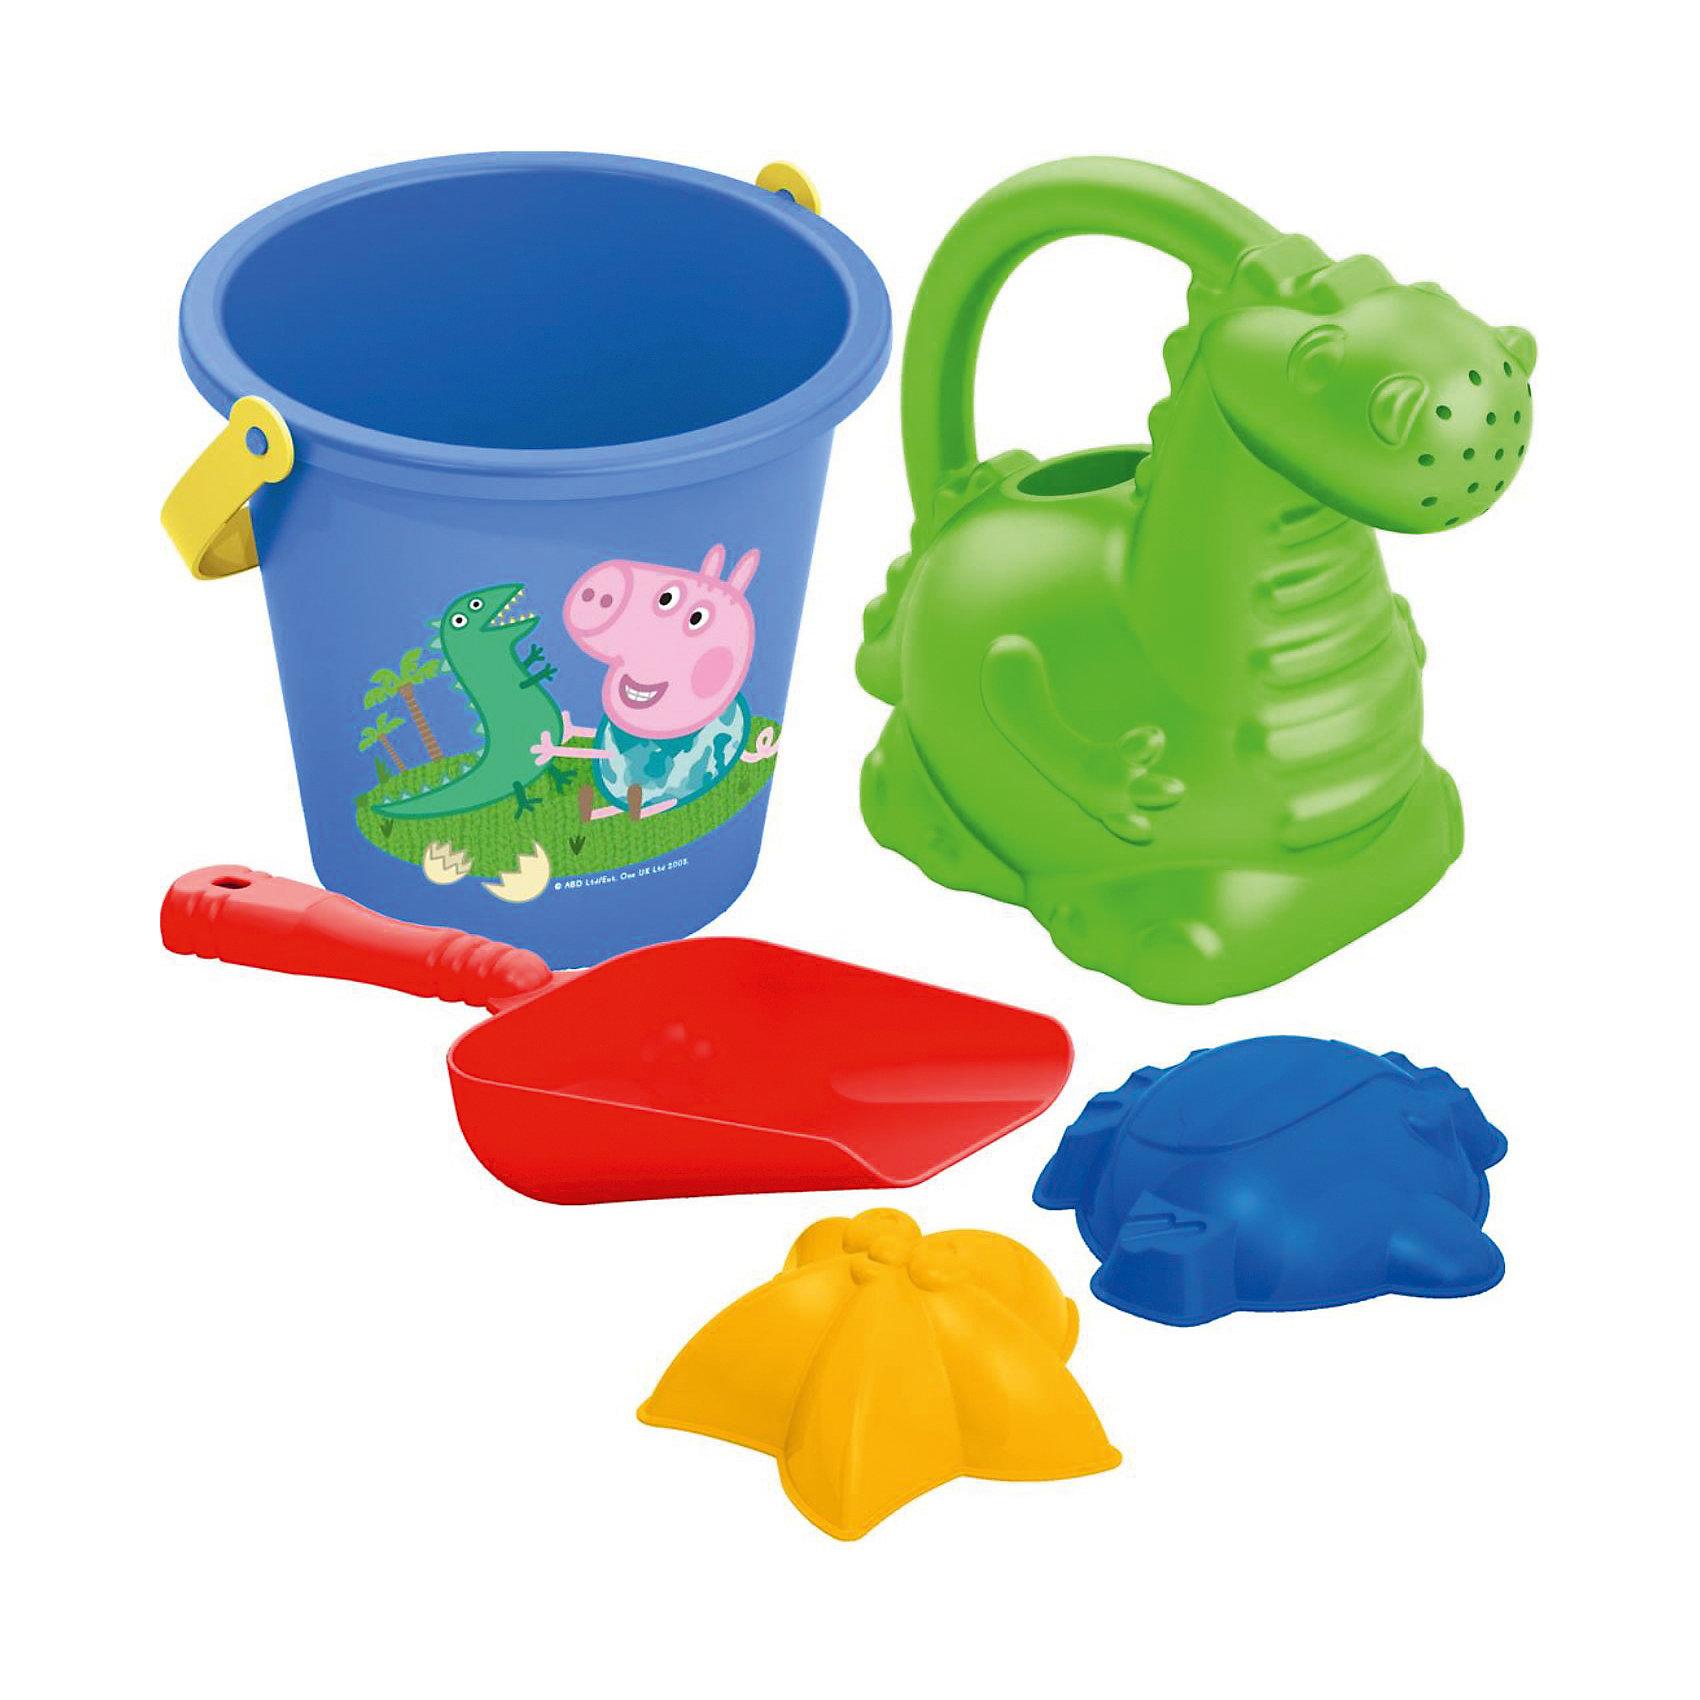 Песочный набор Свинка ПеппаПопулярные игрушки<br>Отправляясь на прогулку или на пляж со своим малышом, не забудьте взять с собой песочный набор «Peppa Pig». Он поможет крохе создать из песка множество рыбок и морских звезд, построить песочные замки. Играть с любимыми персонажами мультфильма и удивительной леечкой в виде динозаврика так увлекательно! Игра с этим набором  способствует развитию мелкой моторики, общей координации движений и, конечно же, воображения!&#13;<br><br>Дополнительная информация:<br><br>В составе песочного набора «Peppa Pig» 5 предметов: ведерко объемом 0,9 л с изображением Пеппы и ее брата Джорджа, лейка в виде динозавра высотой 13,5 см, совочек длиной 16,5 см, 2 формочки (морская звезда, рыбка). <br>Игрушки выполнены из высококачественного безопасного пластика. <br>Упаковка - сетка с этикеткой.<br><br>Песочный набор Свинка Пеппа можно купить в нашем магазине.<br><br>Ширина мм: 215<br>Глубина мм: 135<br>Высота мм: 135<br>Вес г: 120<br>Возраст от месяцев: 36<br>Возраст до месяцев: 96<br>Пол: Унисекс<br>Возраст: Детский<br>SKU: 4684621